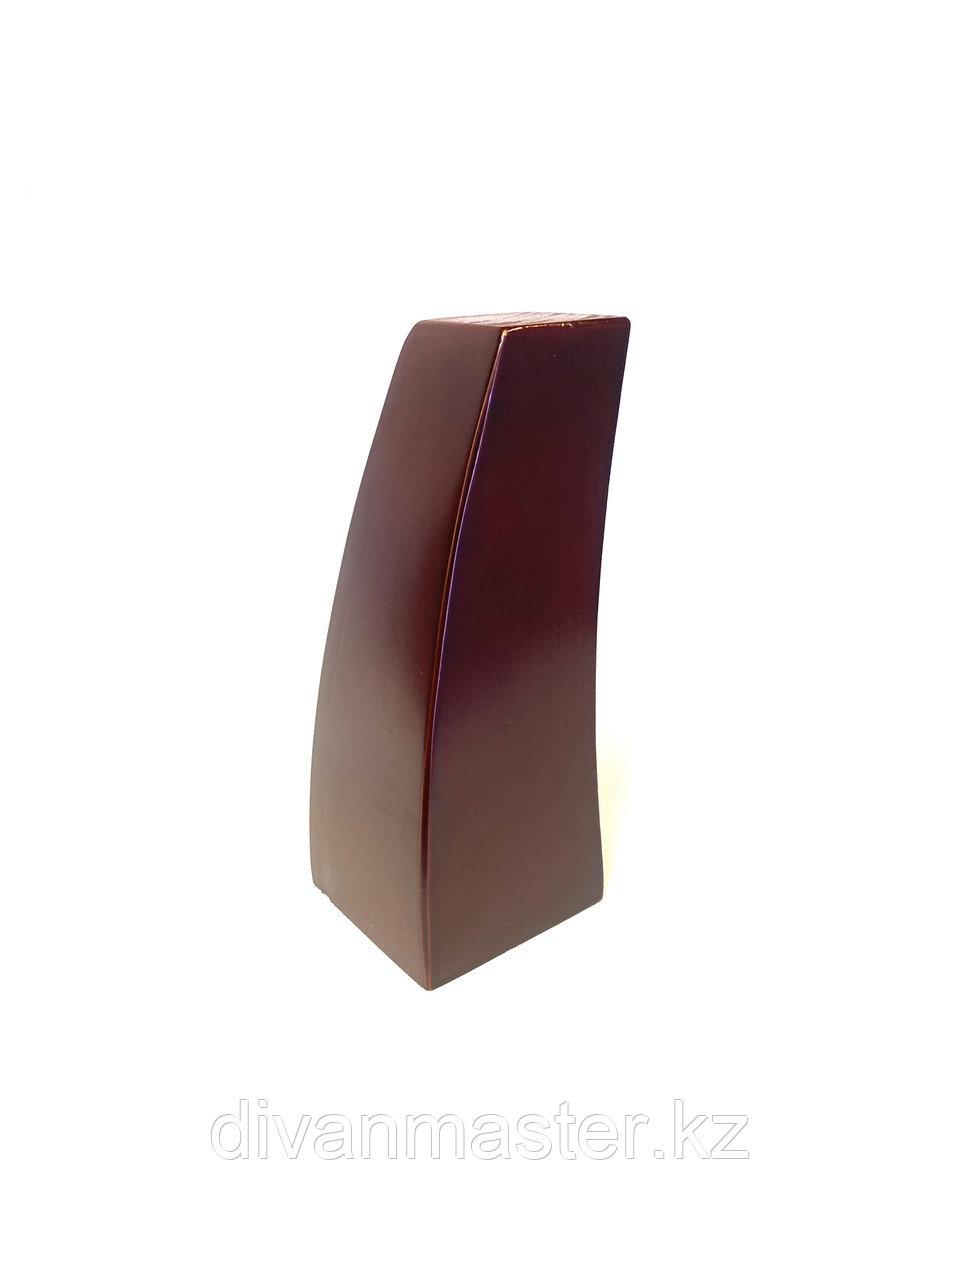 Ножка мебельная, деревянная с изгибом. 15 см